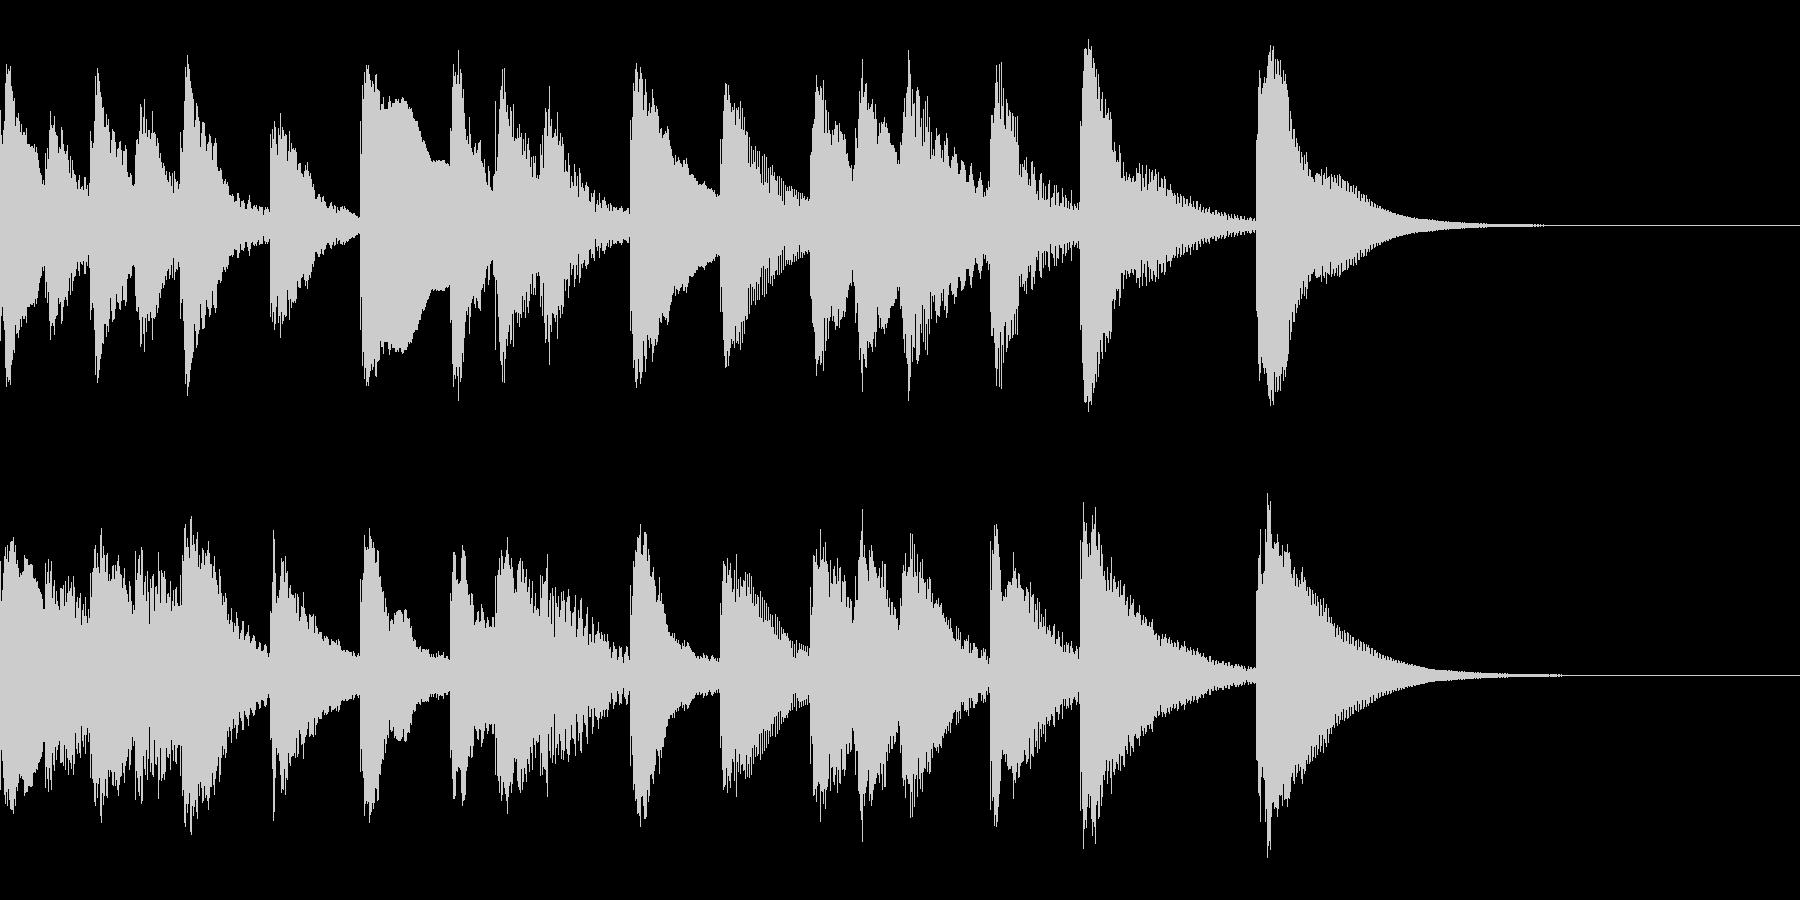 シロフォンのかわいい解決感のあるジングルの未再生の波形